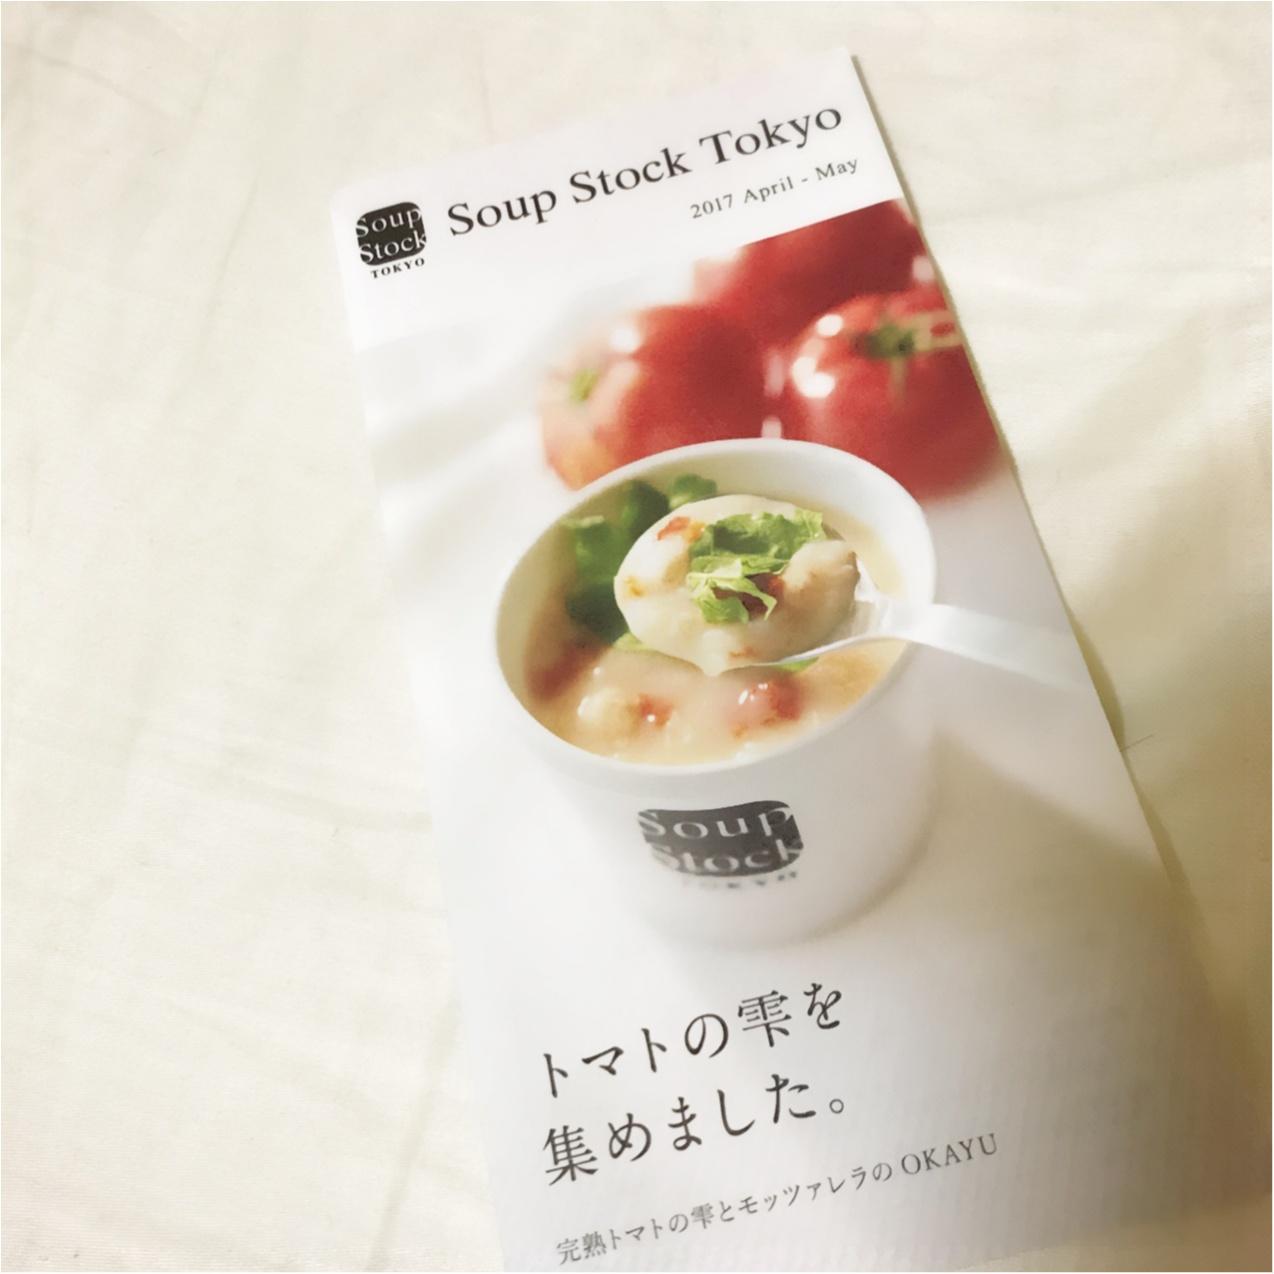 """スープだけじゃない♡《Soup Stock Tokyo》の""""おかゆ""""が美味しすぎるっ!_2"""